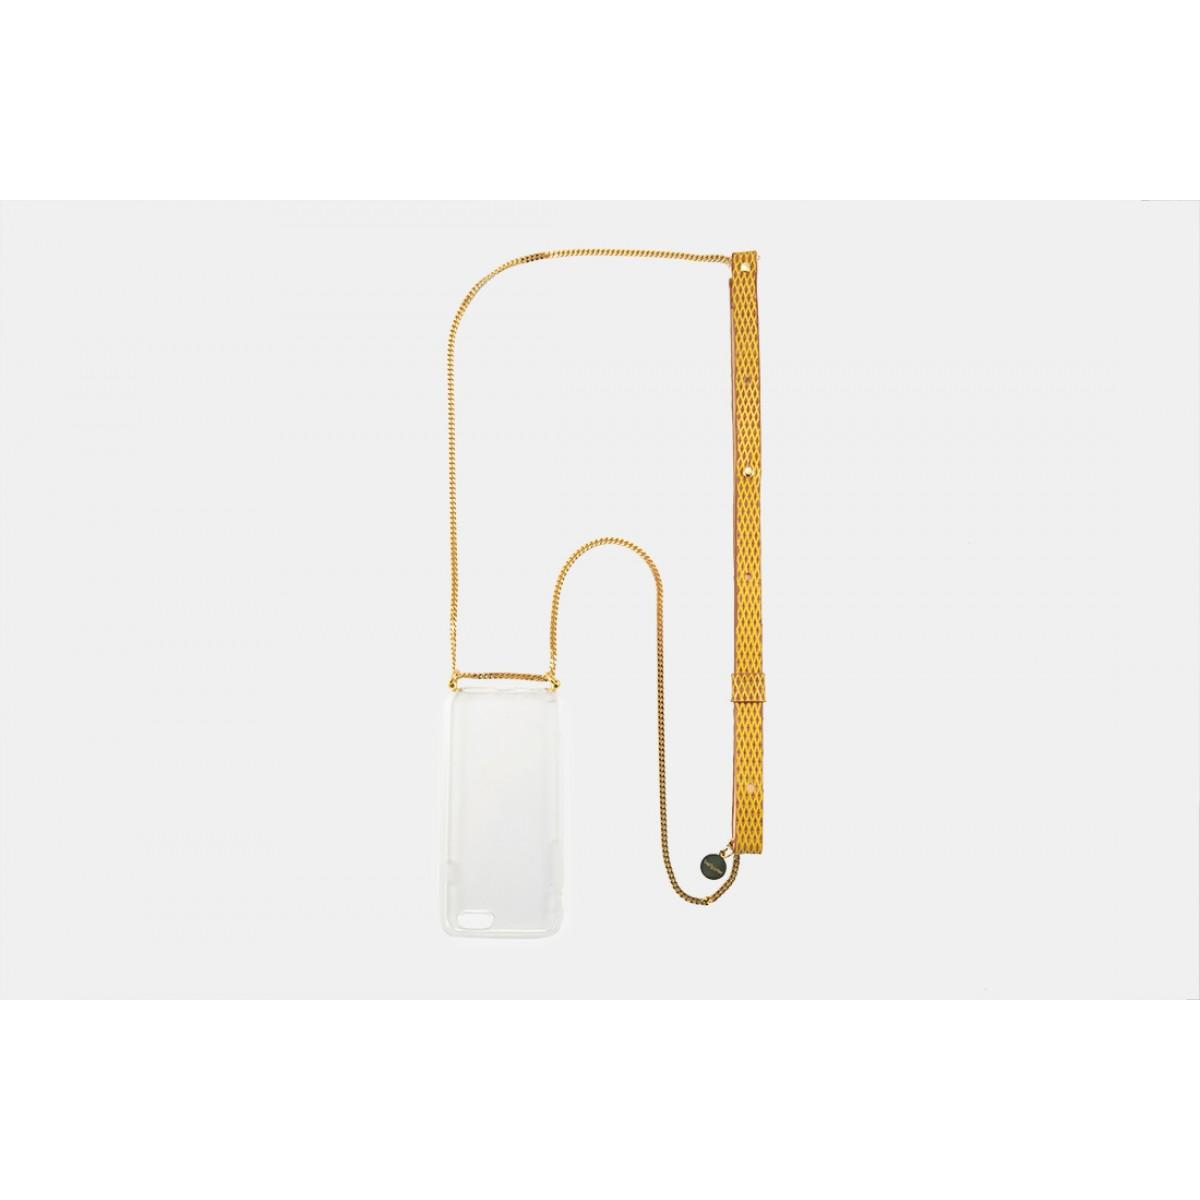 Lapàporter – iPhone Handykette aus Metall mit Lederriemen, senfgelb/gold